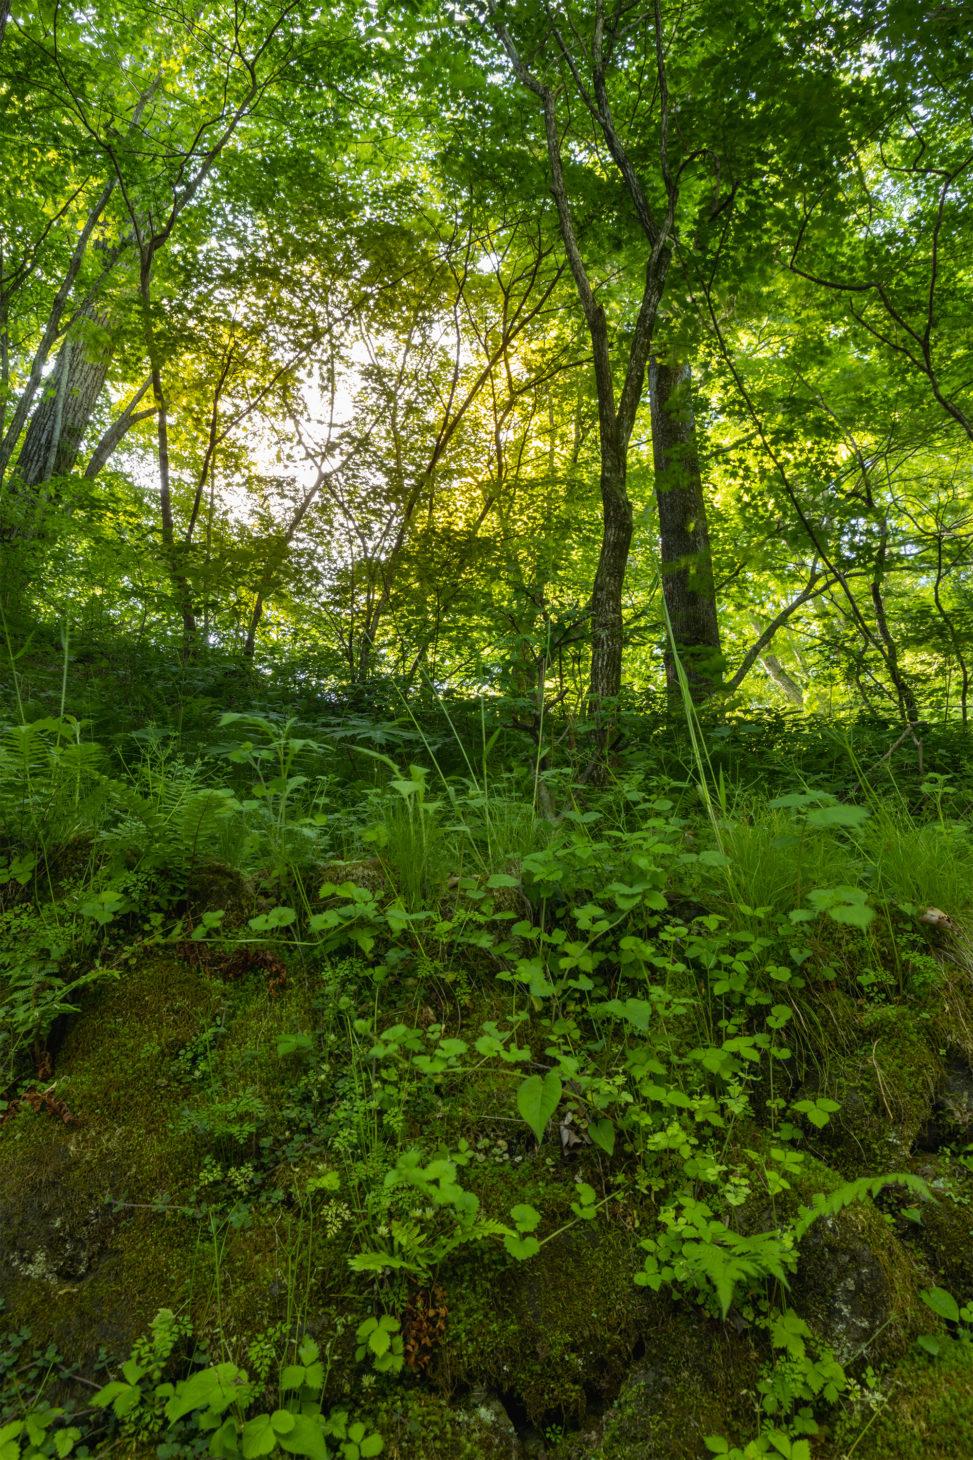 苔の石垣と緑鮮やかな森のフリー写真素材